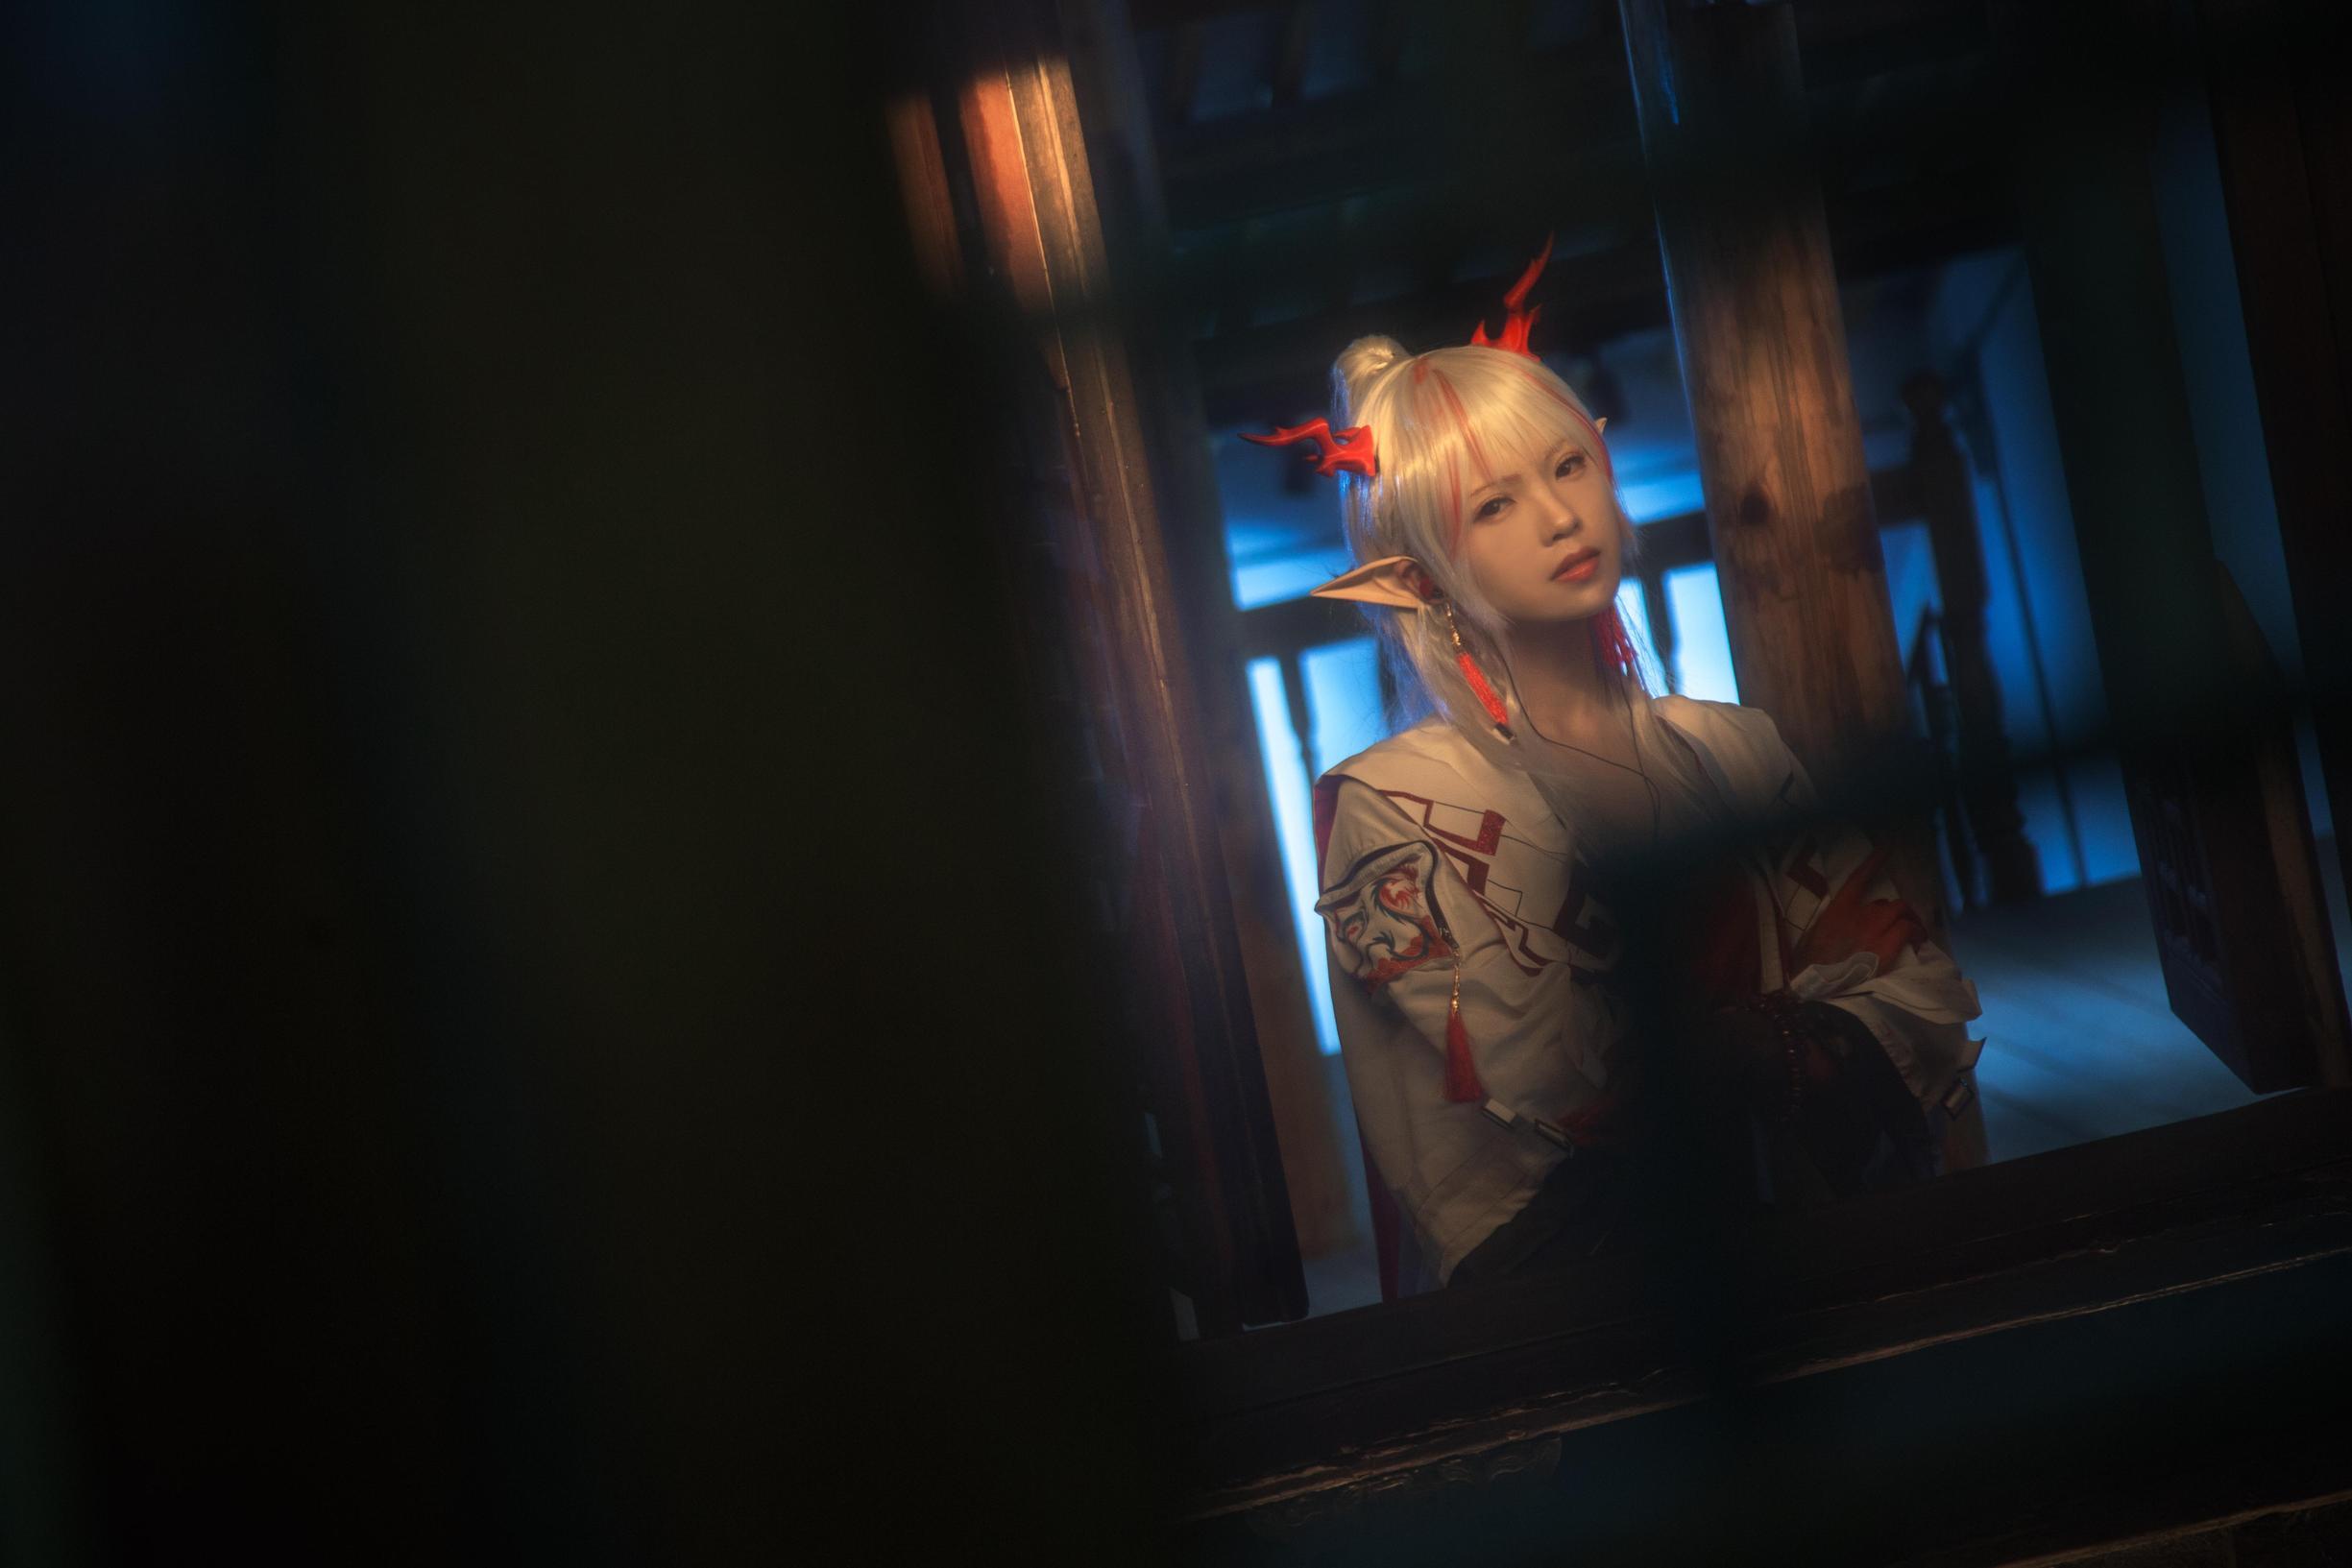 《明日方舟》正片cosplay【CN:天子Ayiig】-第3张